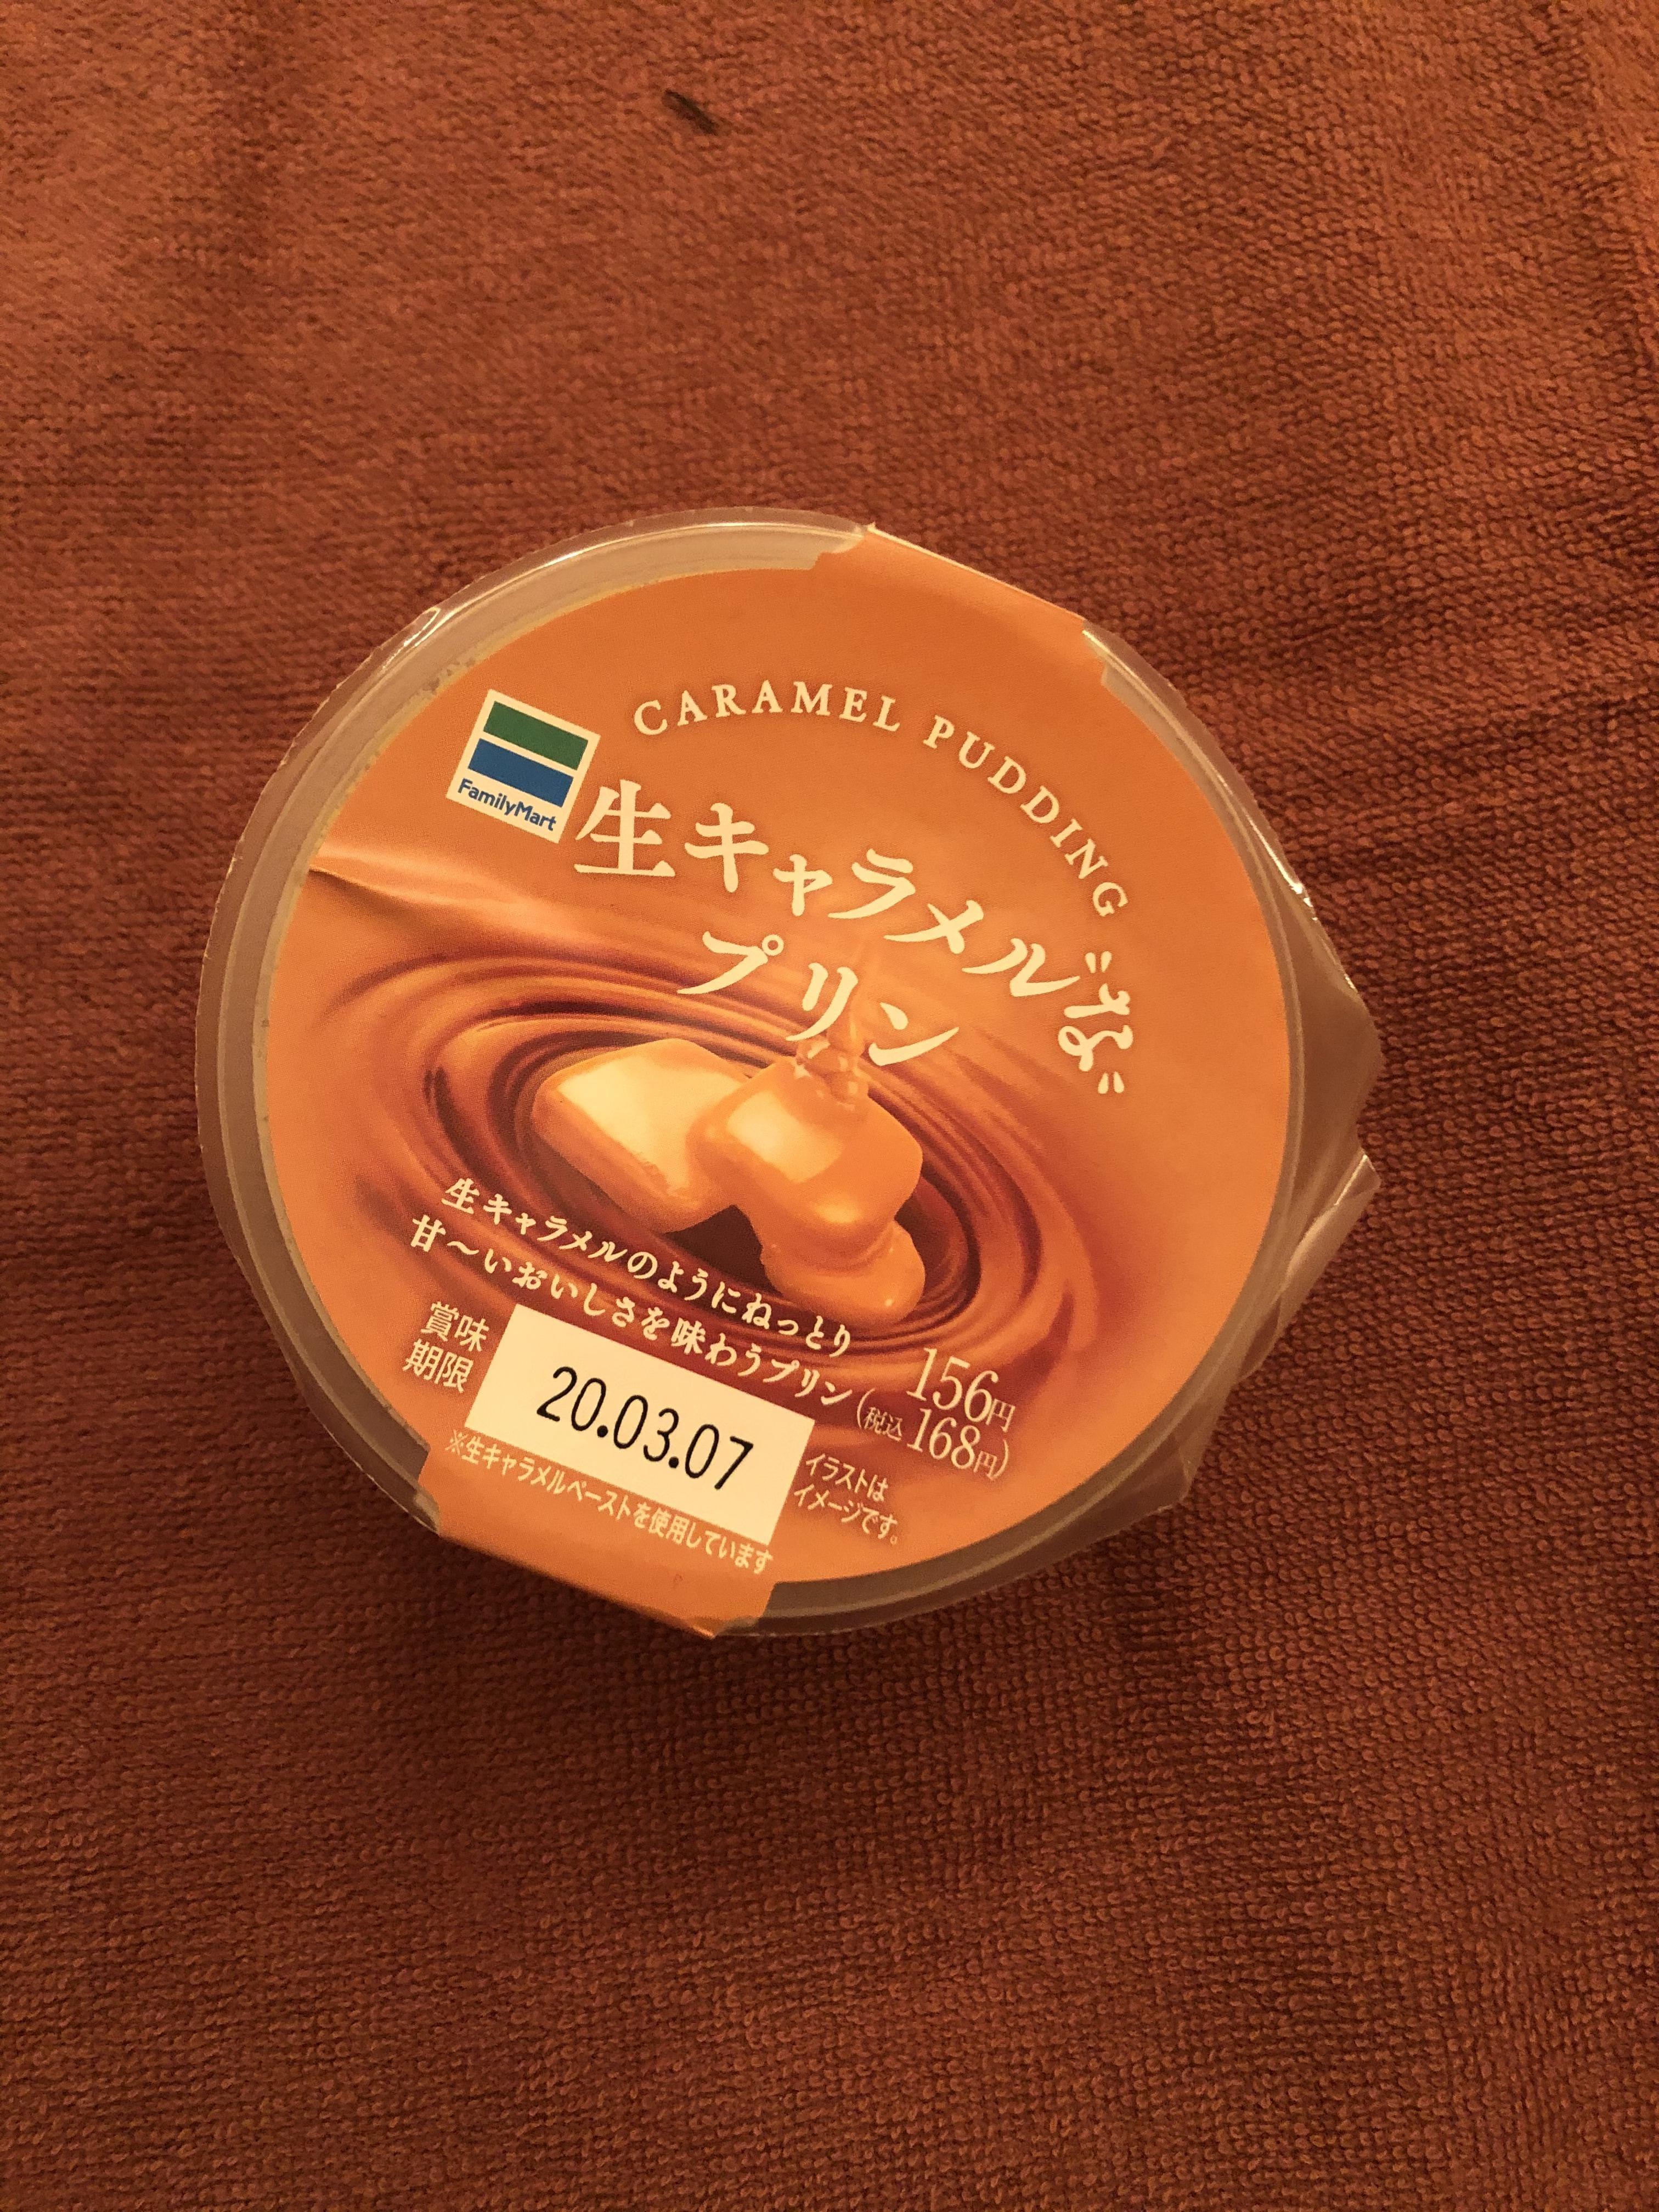 「こんばんは(*^_^*)」02/11(02/11) 19:14   あやかの写メ・風俗動画